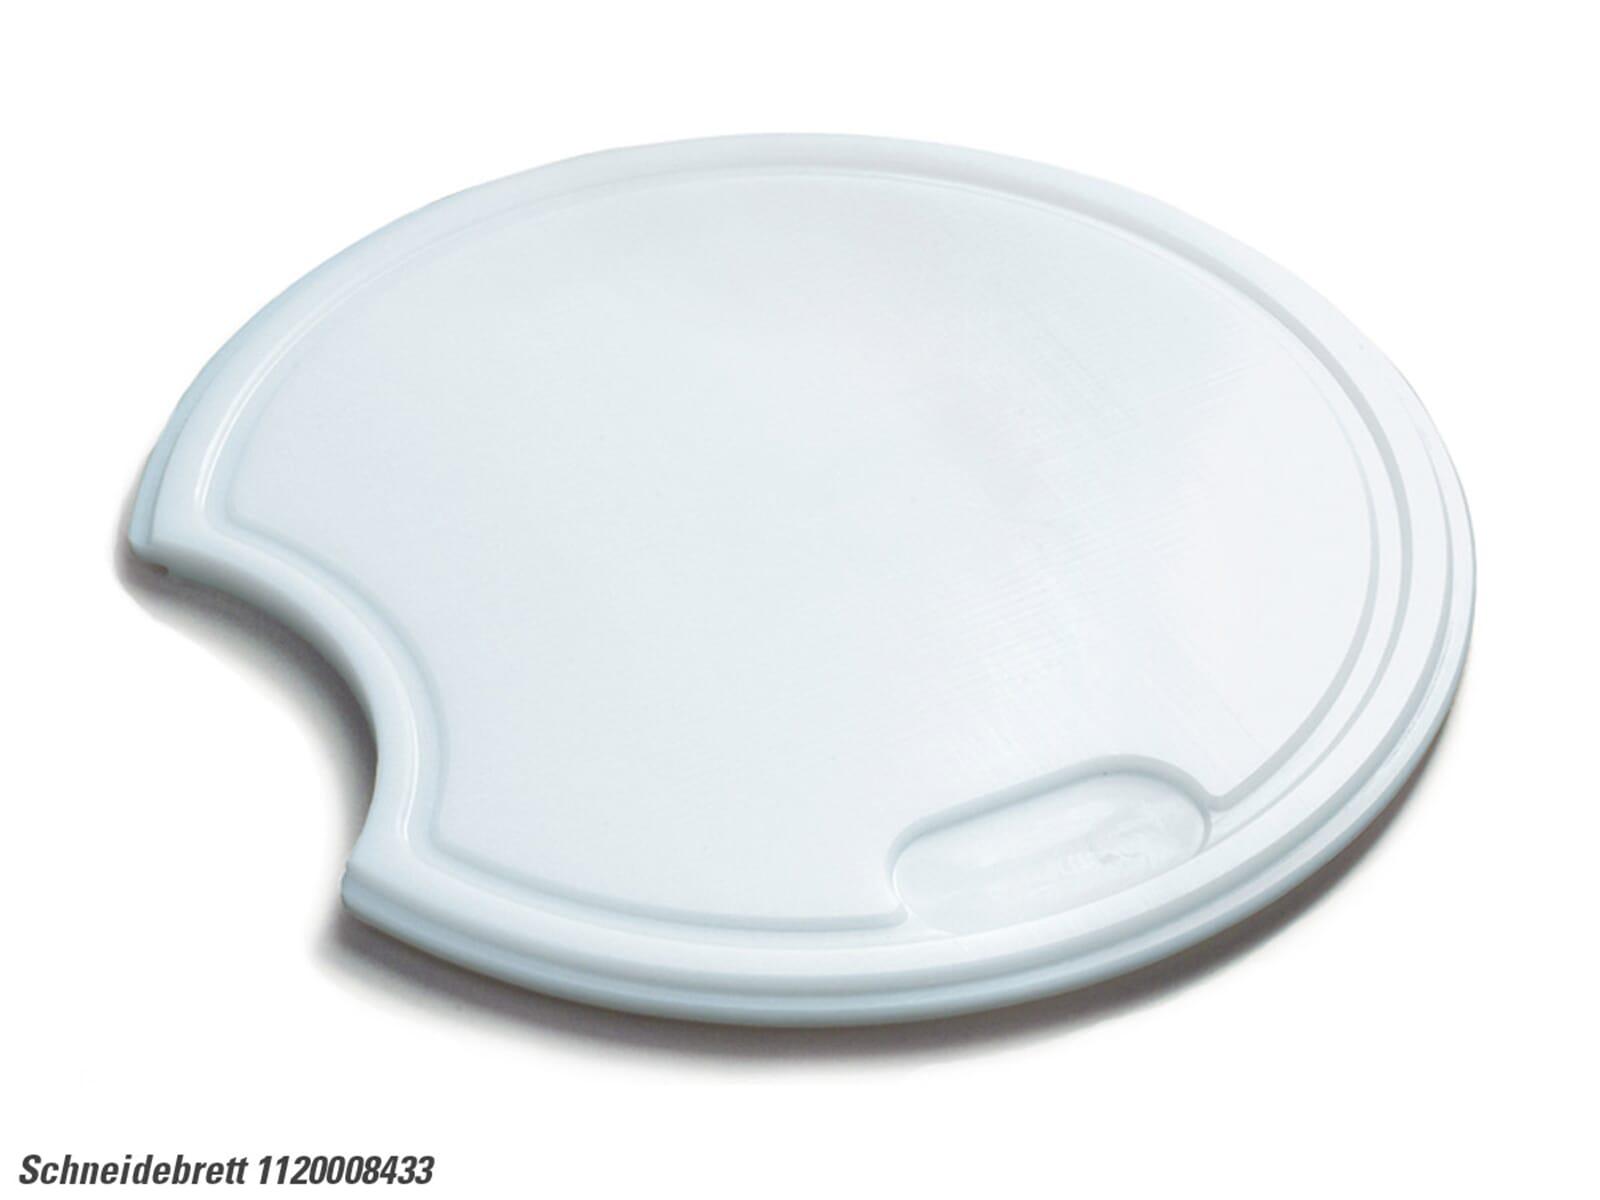 Franke 112.0008.433 Kunststoffschneidebrett weiß